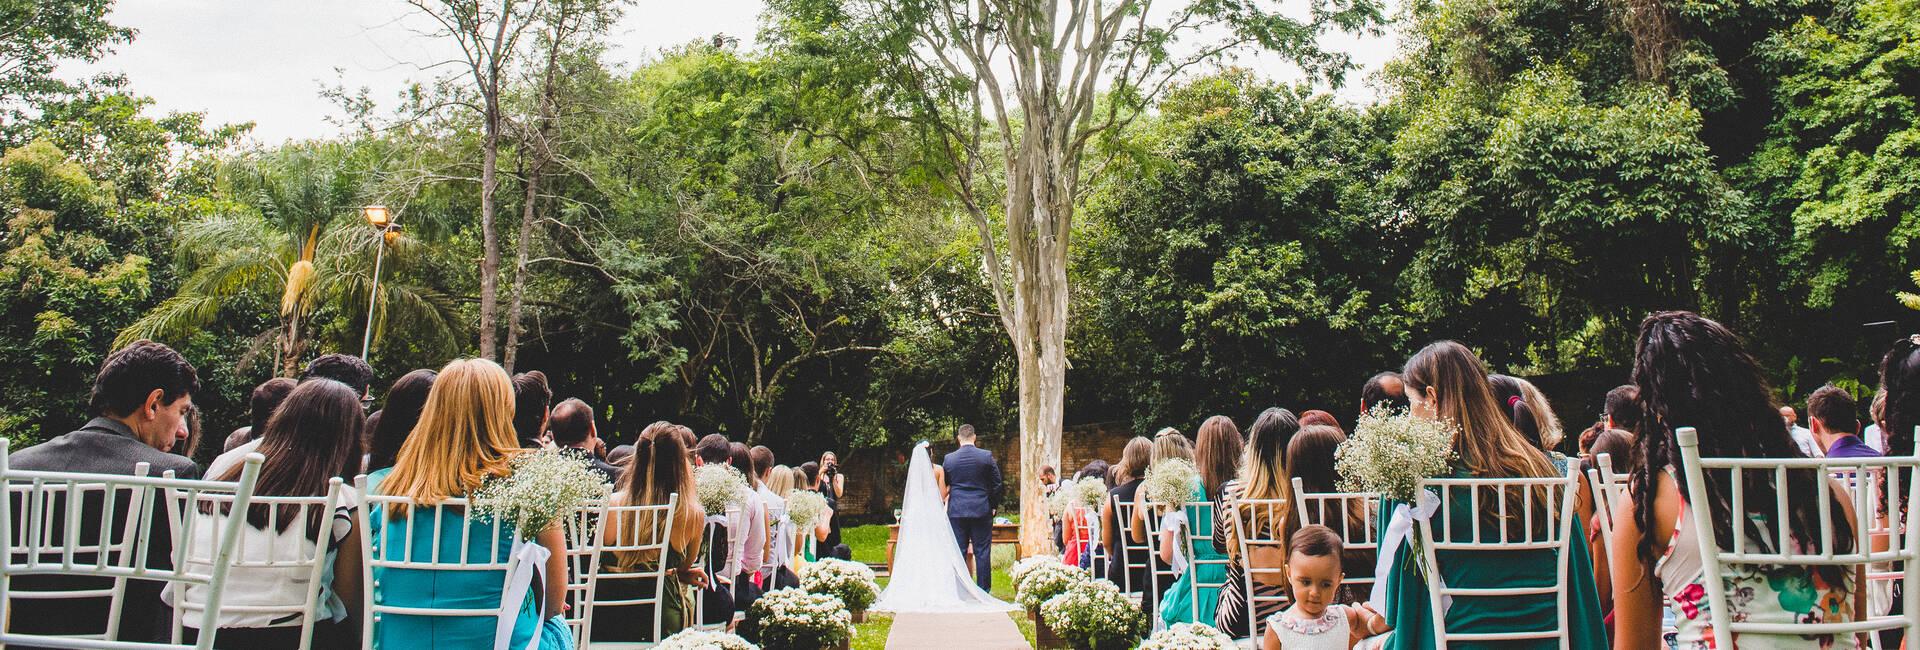 Casamento de Thaís e Bruno